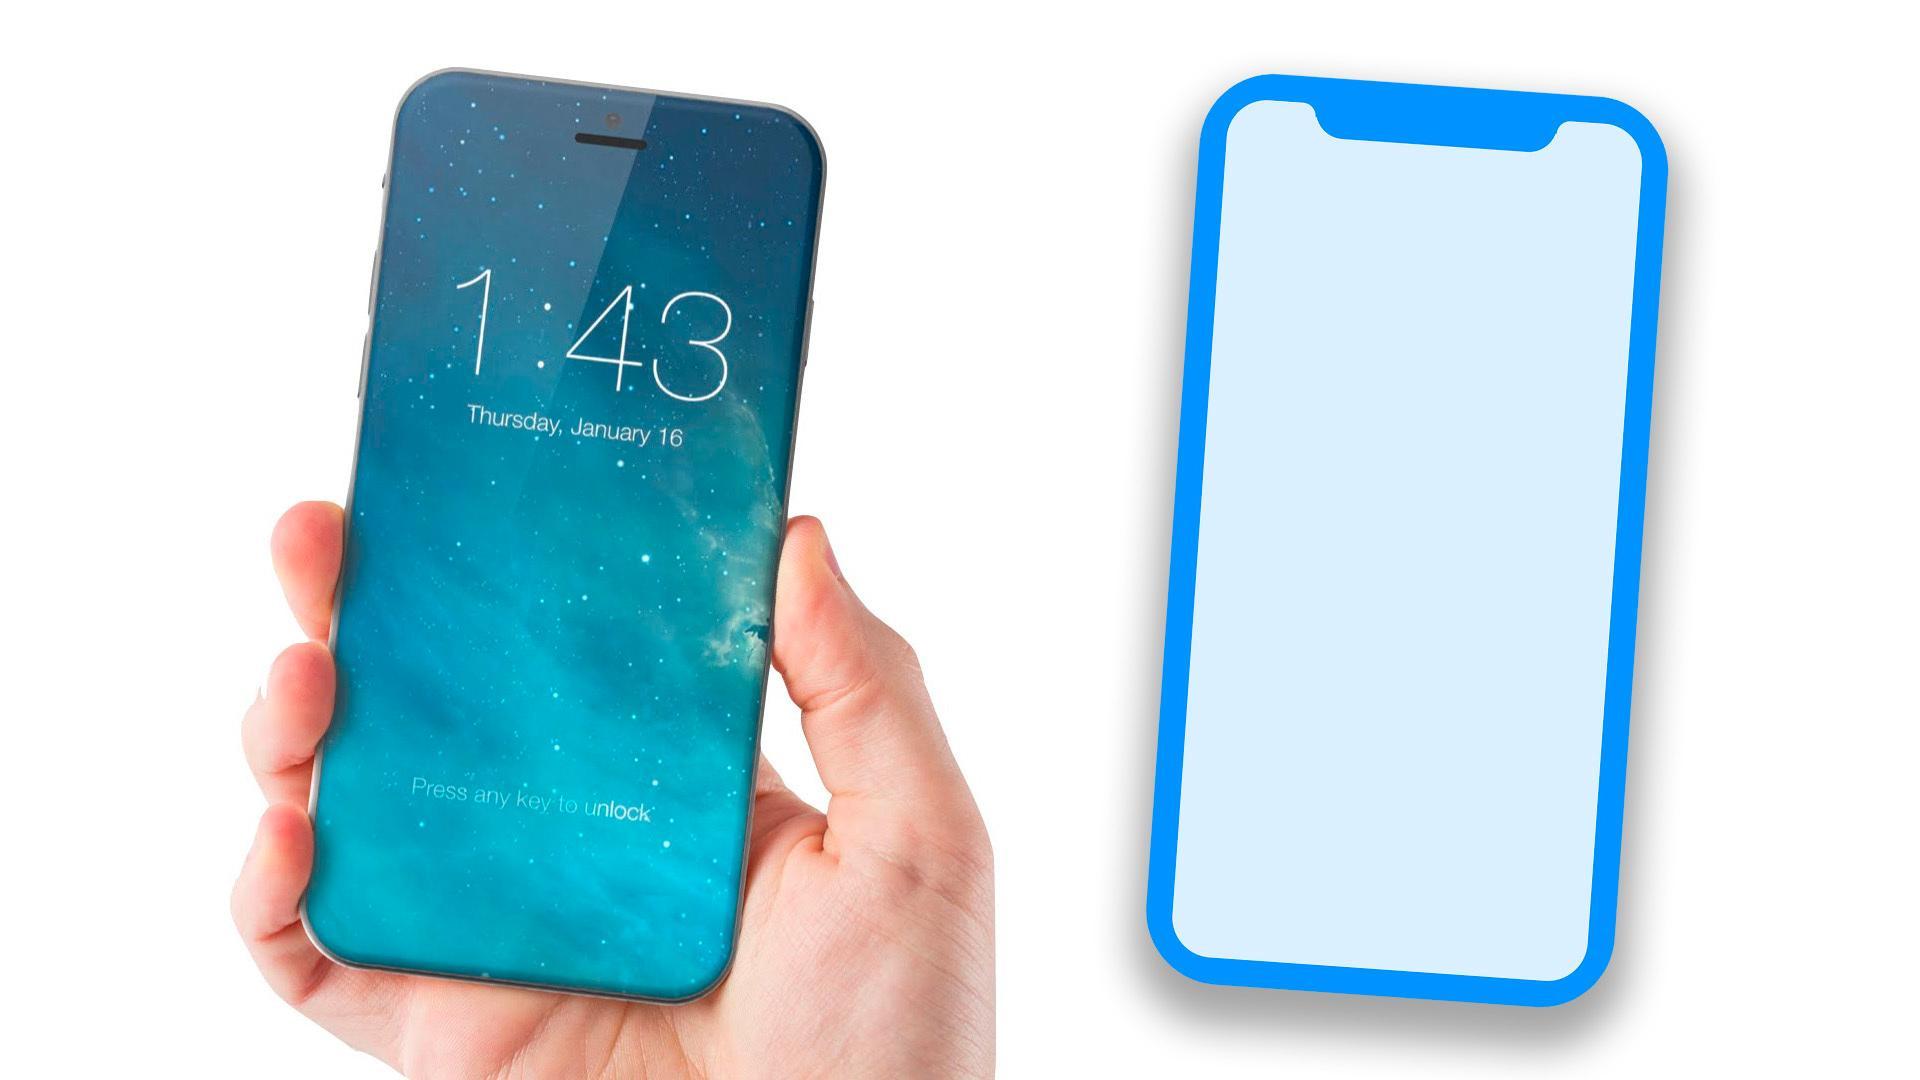 Til venstre en tegning av hvordan en ny iPhone kan se ut, gjort av ConseptsiPhone, til høyre et nytt iPhone-ikon hentet ut av HomePod-koden.